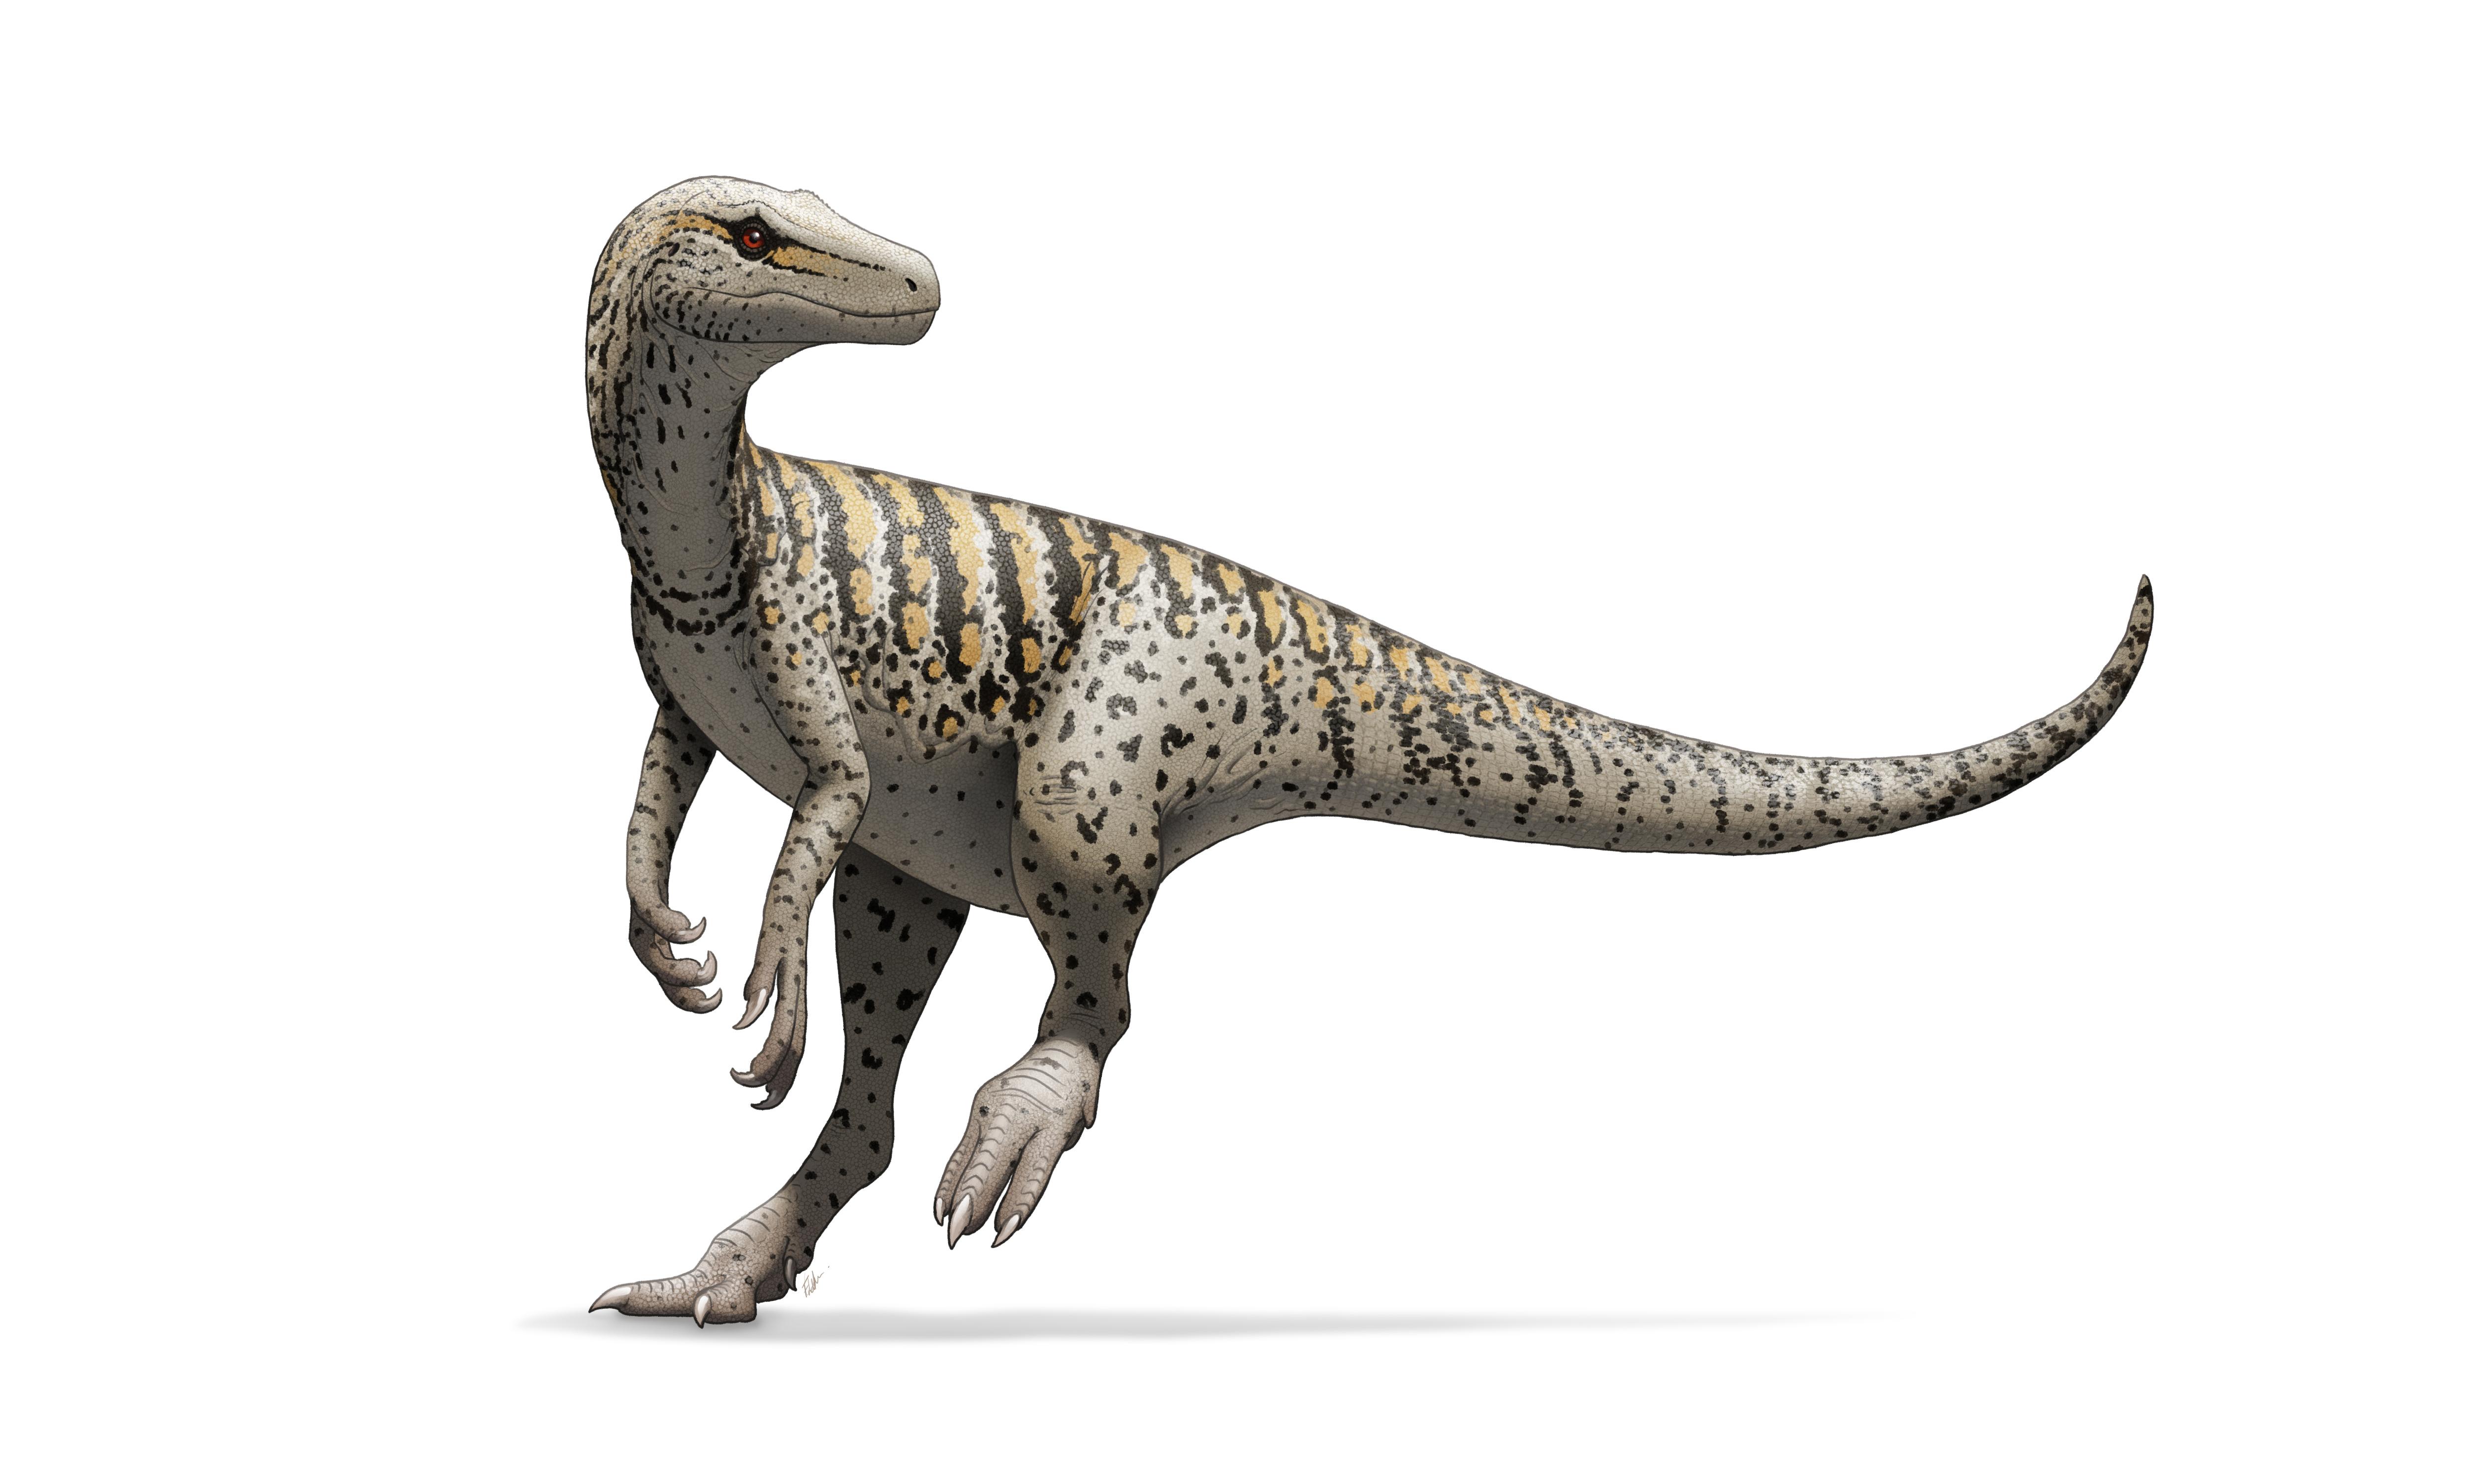 """Podle nové systematiky patří do skupiny Saurischia obvykle """"dlouhokrcí"""" sauropodomorfové a dále herrerasauridi, dříve považovaní za vývojově primitivní teropody. Zde přímo druh Herrerasaurus ischigualastensis, žijící v době před 231 miliony let na úz"""